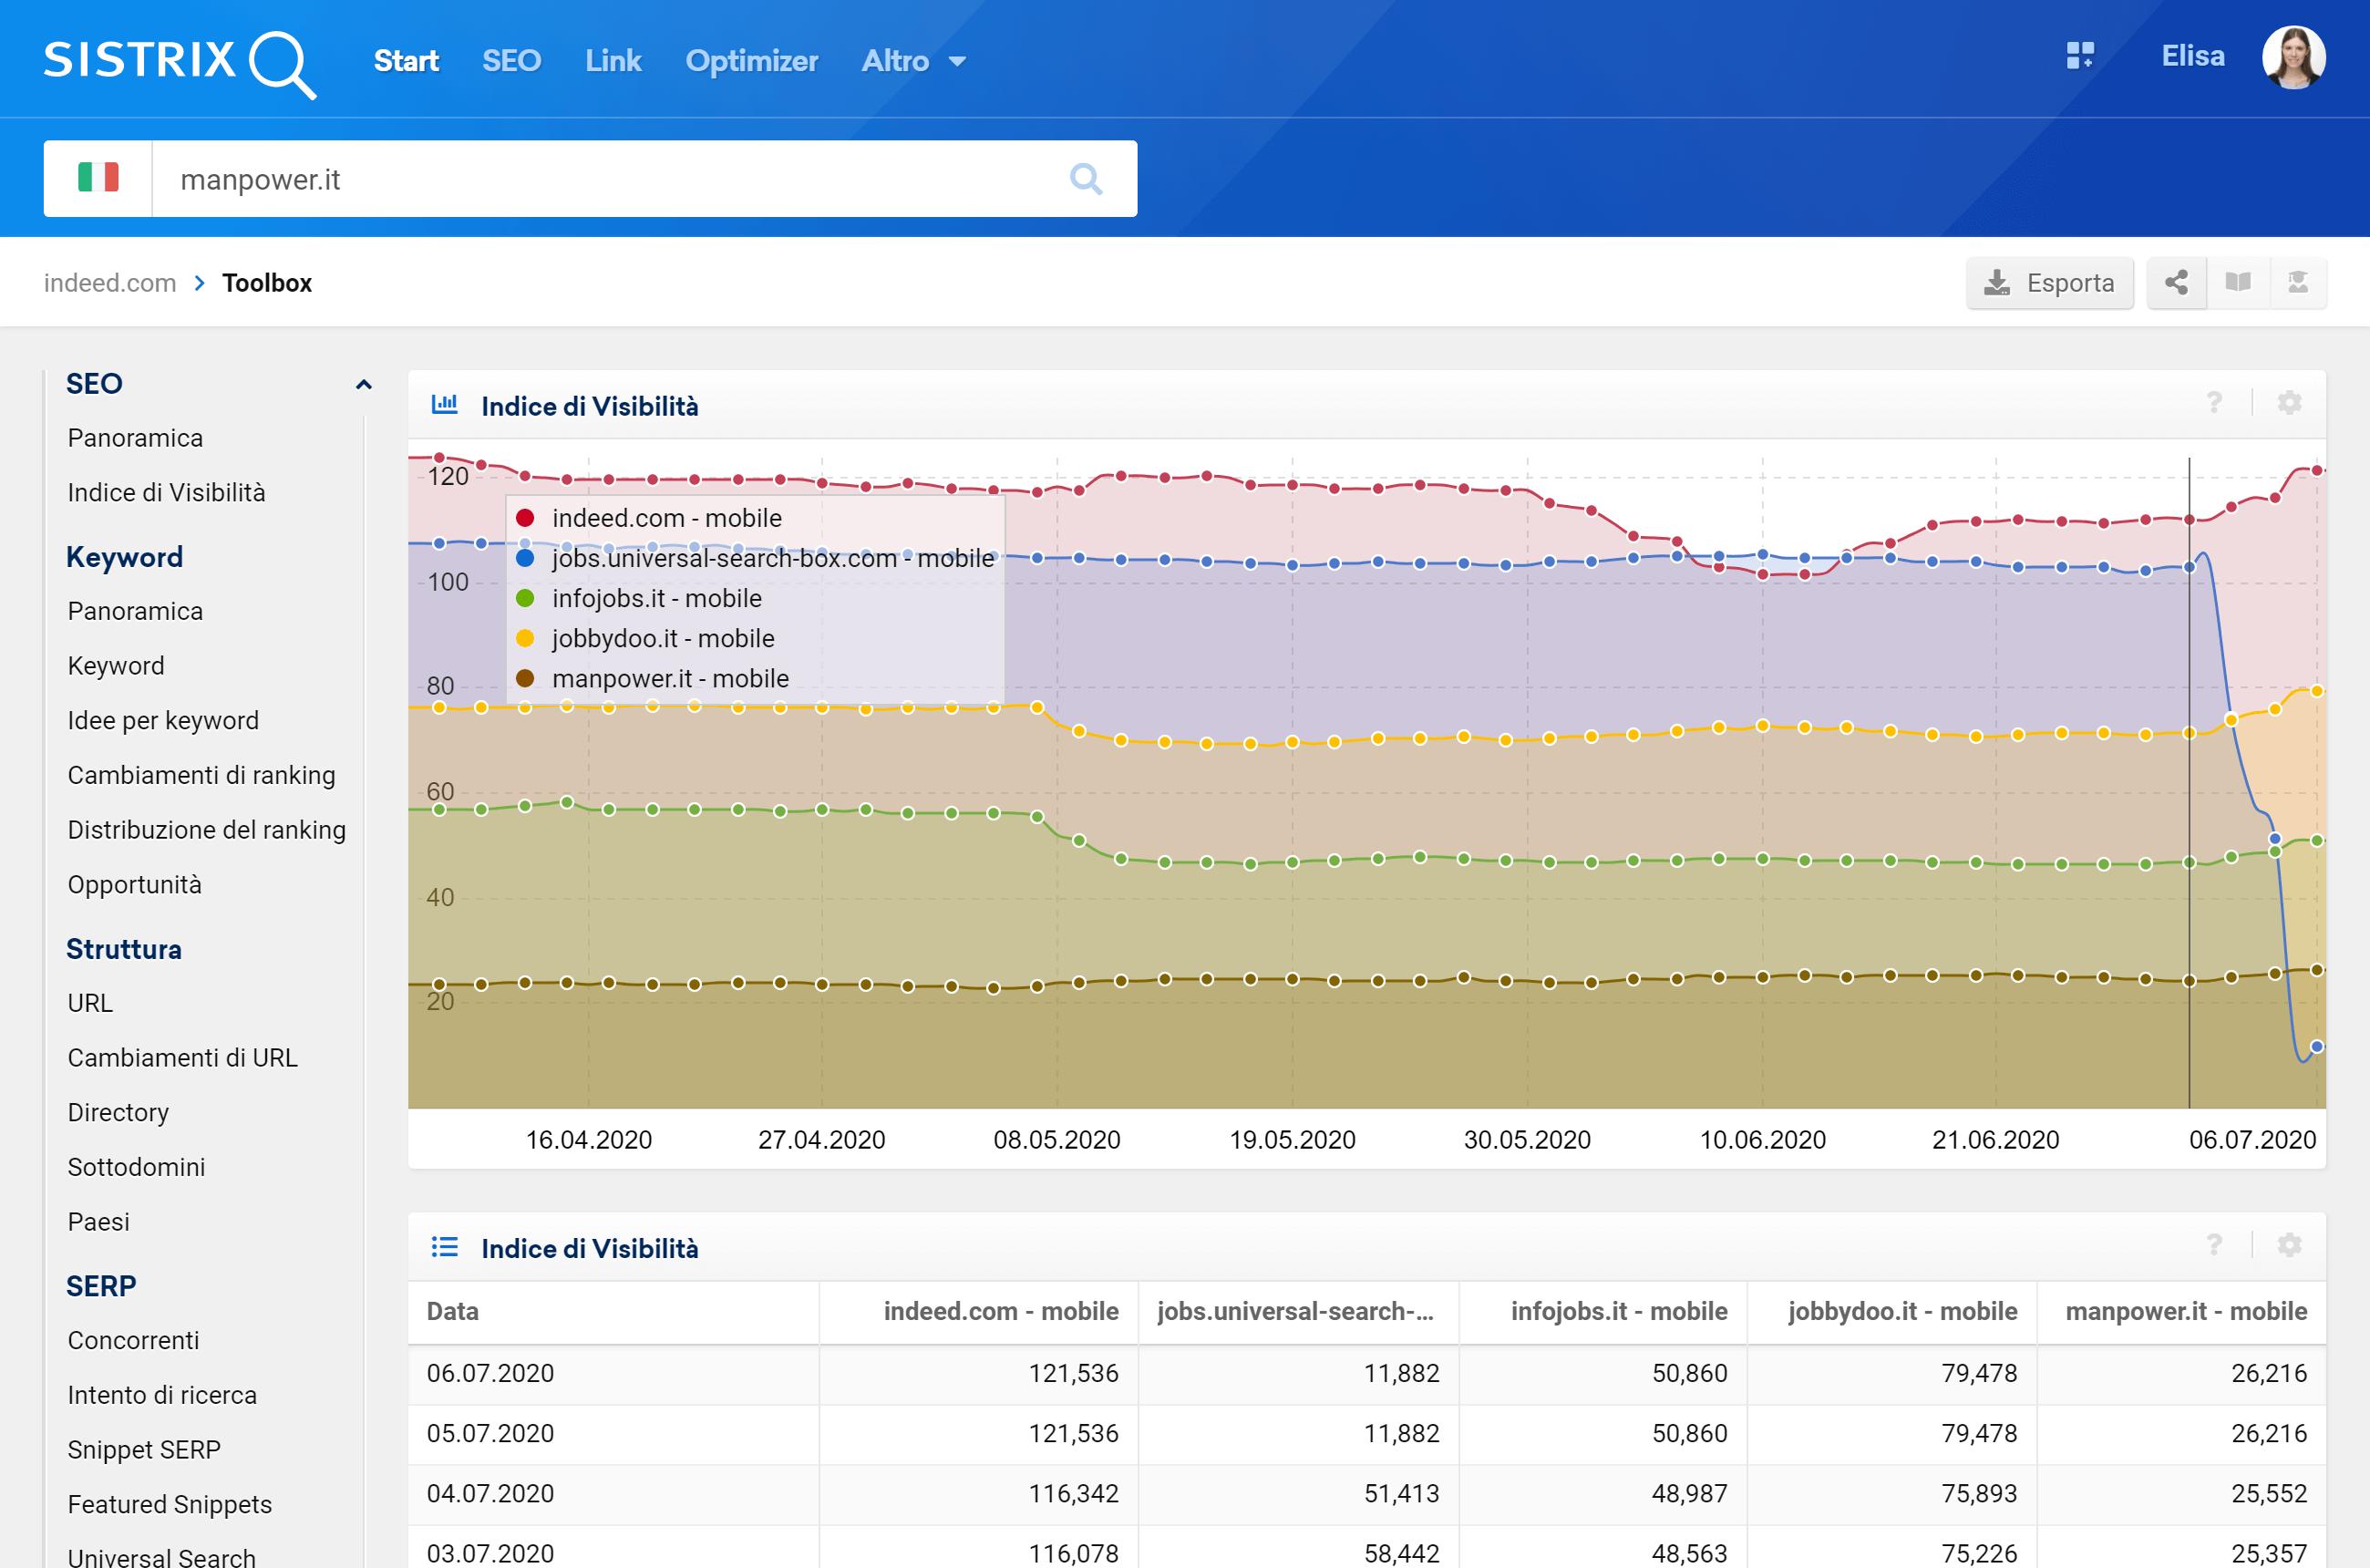 Confronto tra gli Indici di Visibilità di indeed.com, infojobs.it, jobbydoo.it, manpower.it e Google Jobs (mobile)